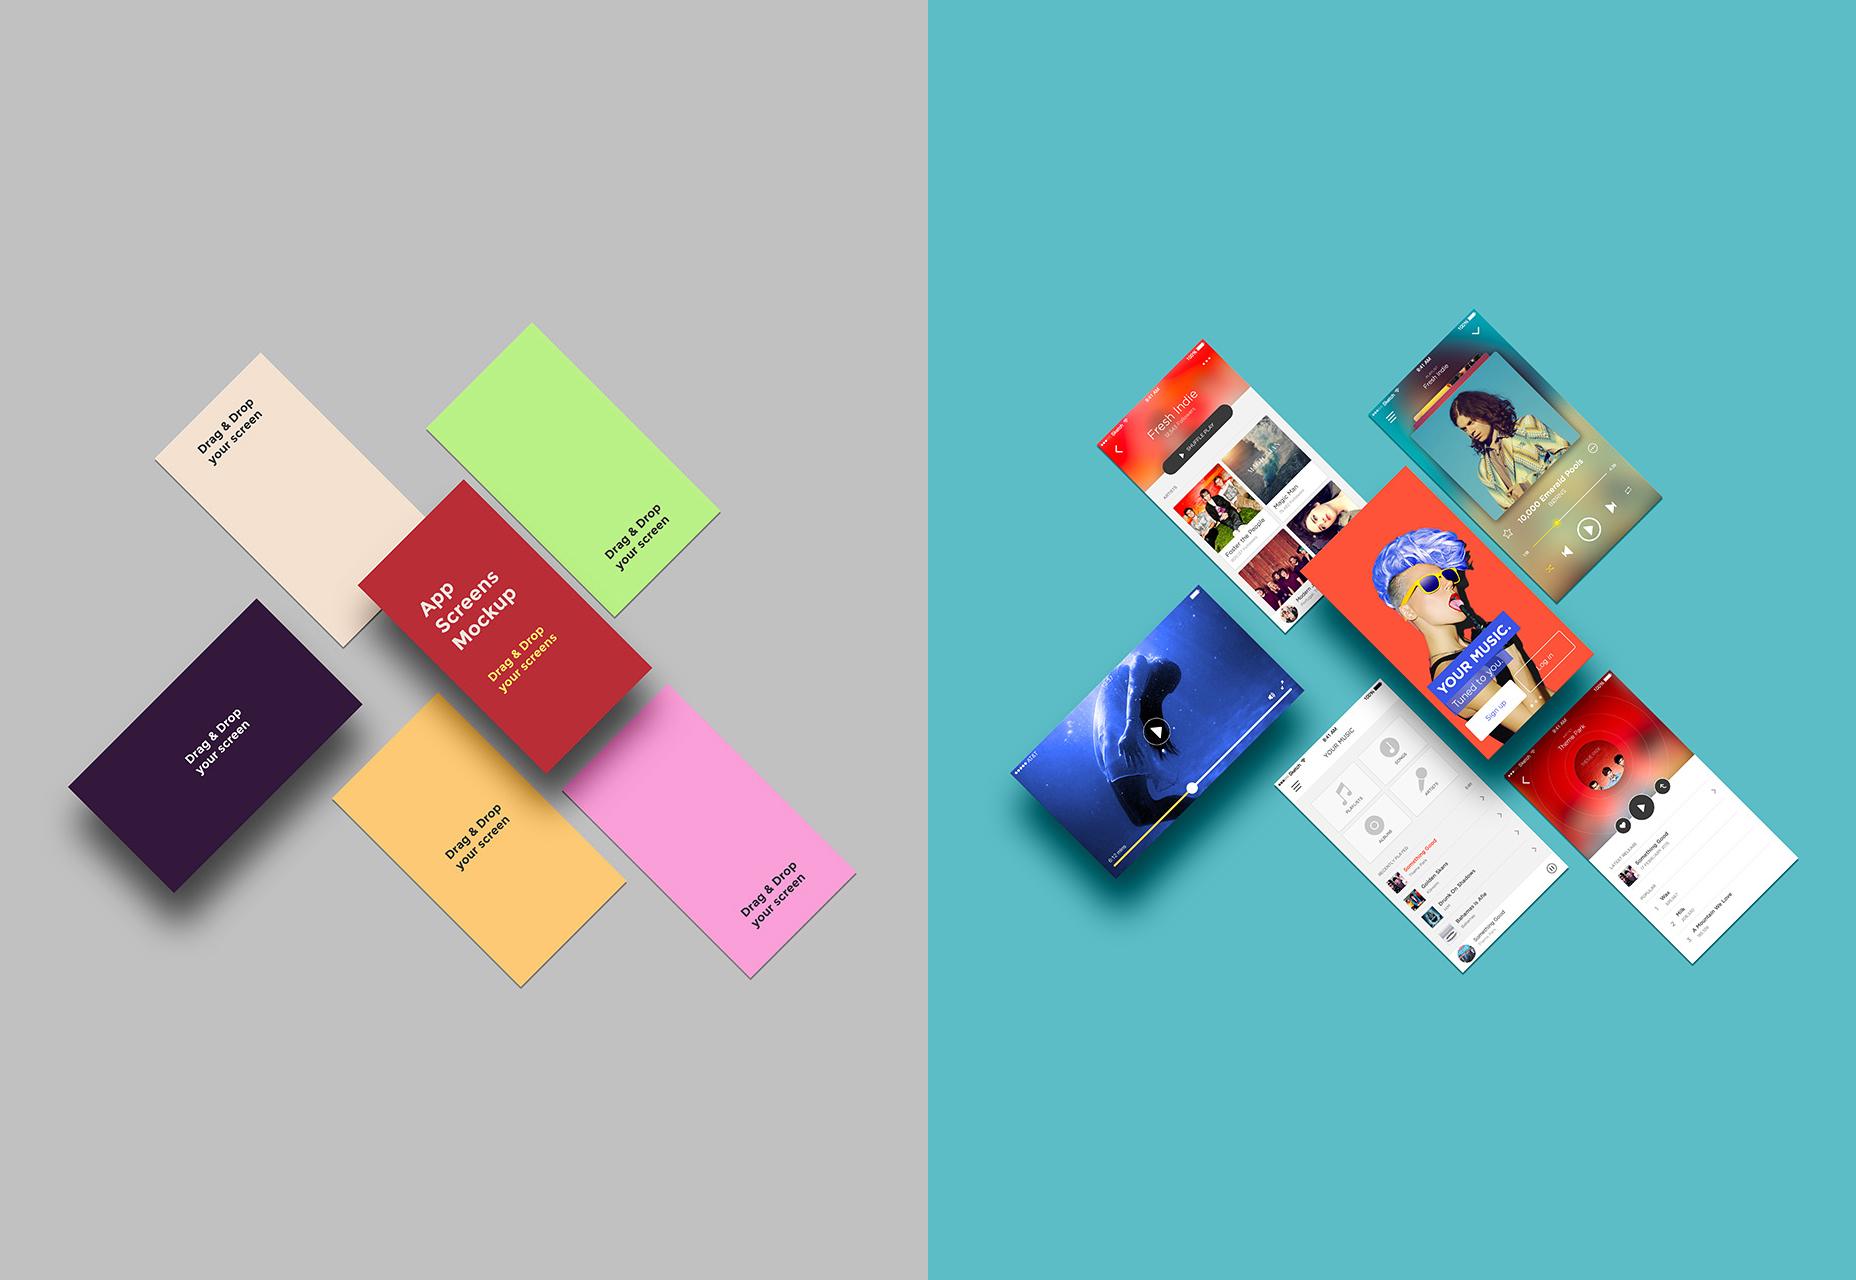 Maqueta de pantallas de aplicaciones móviles